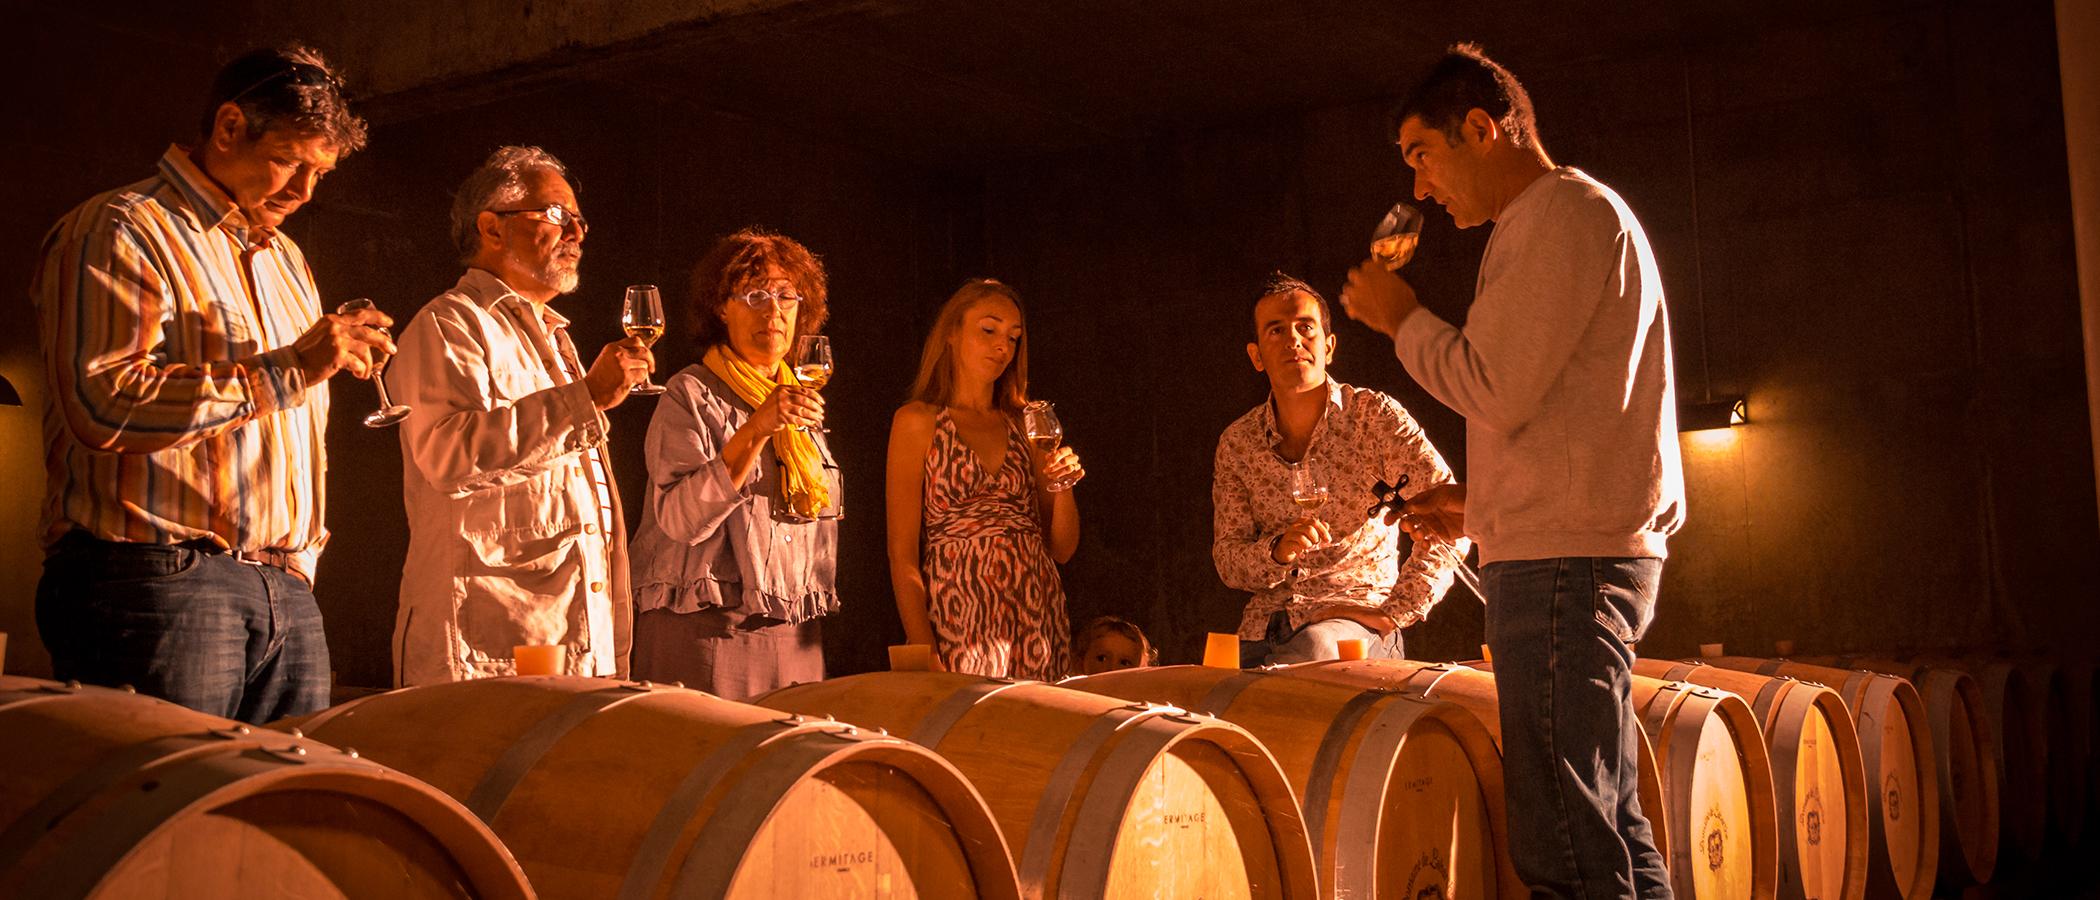 Atelier Oenologie Initiation Privee Aux Vins De Gaillac